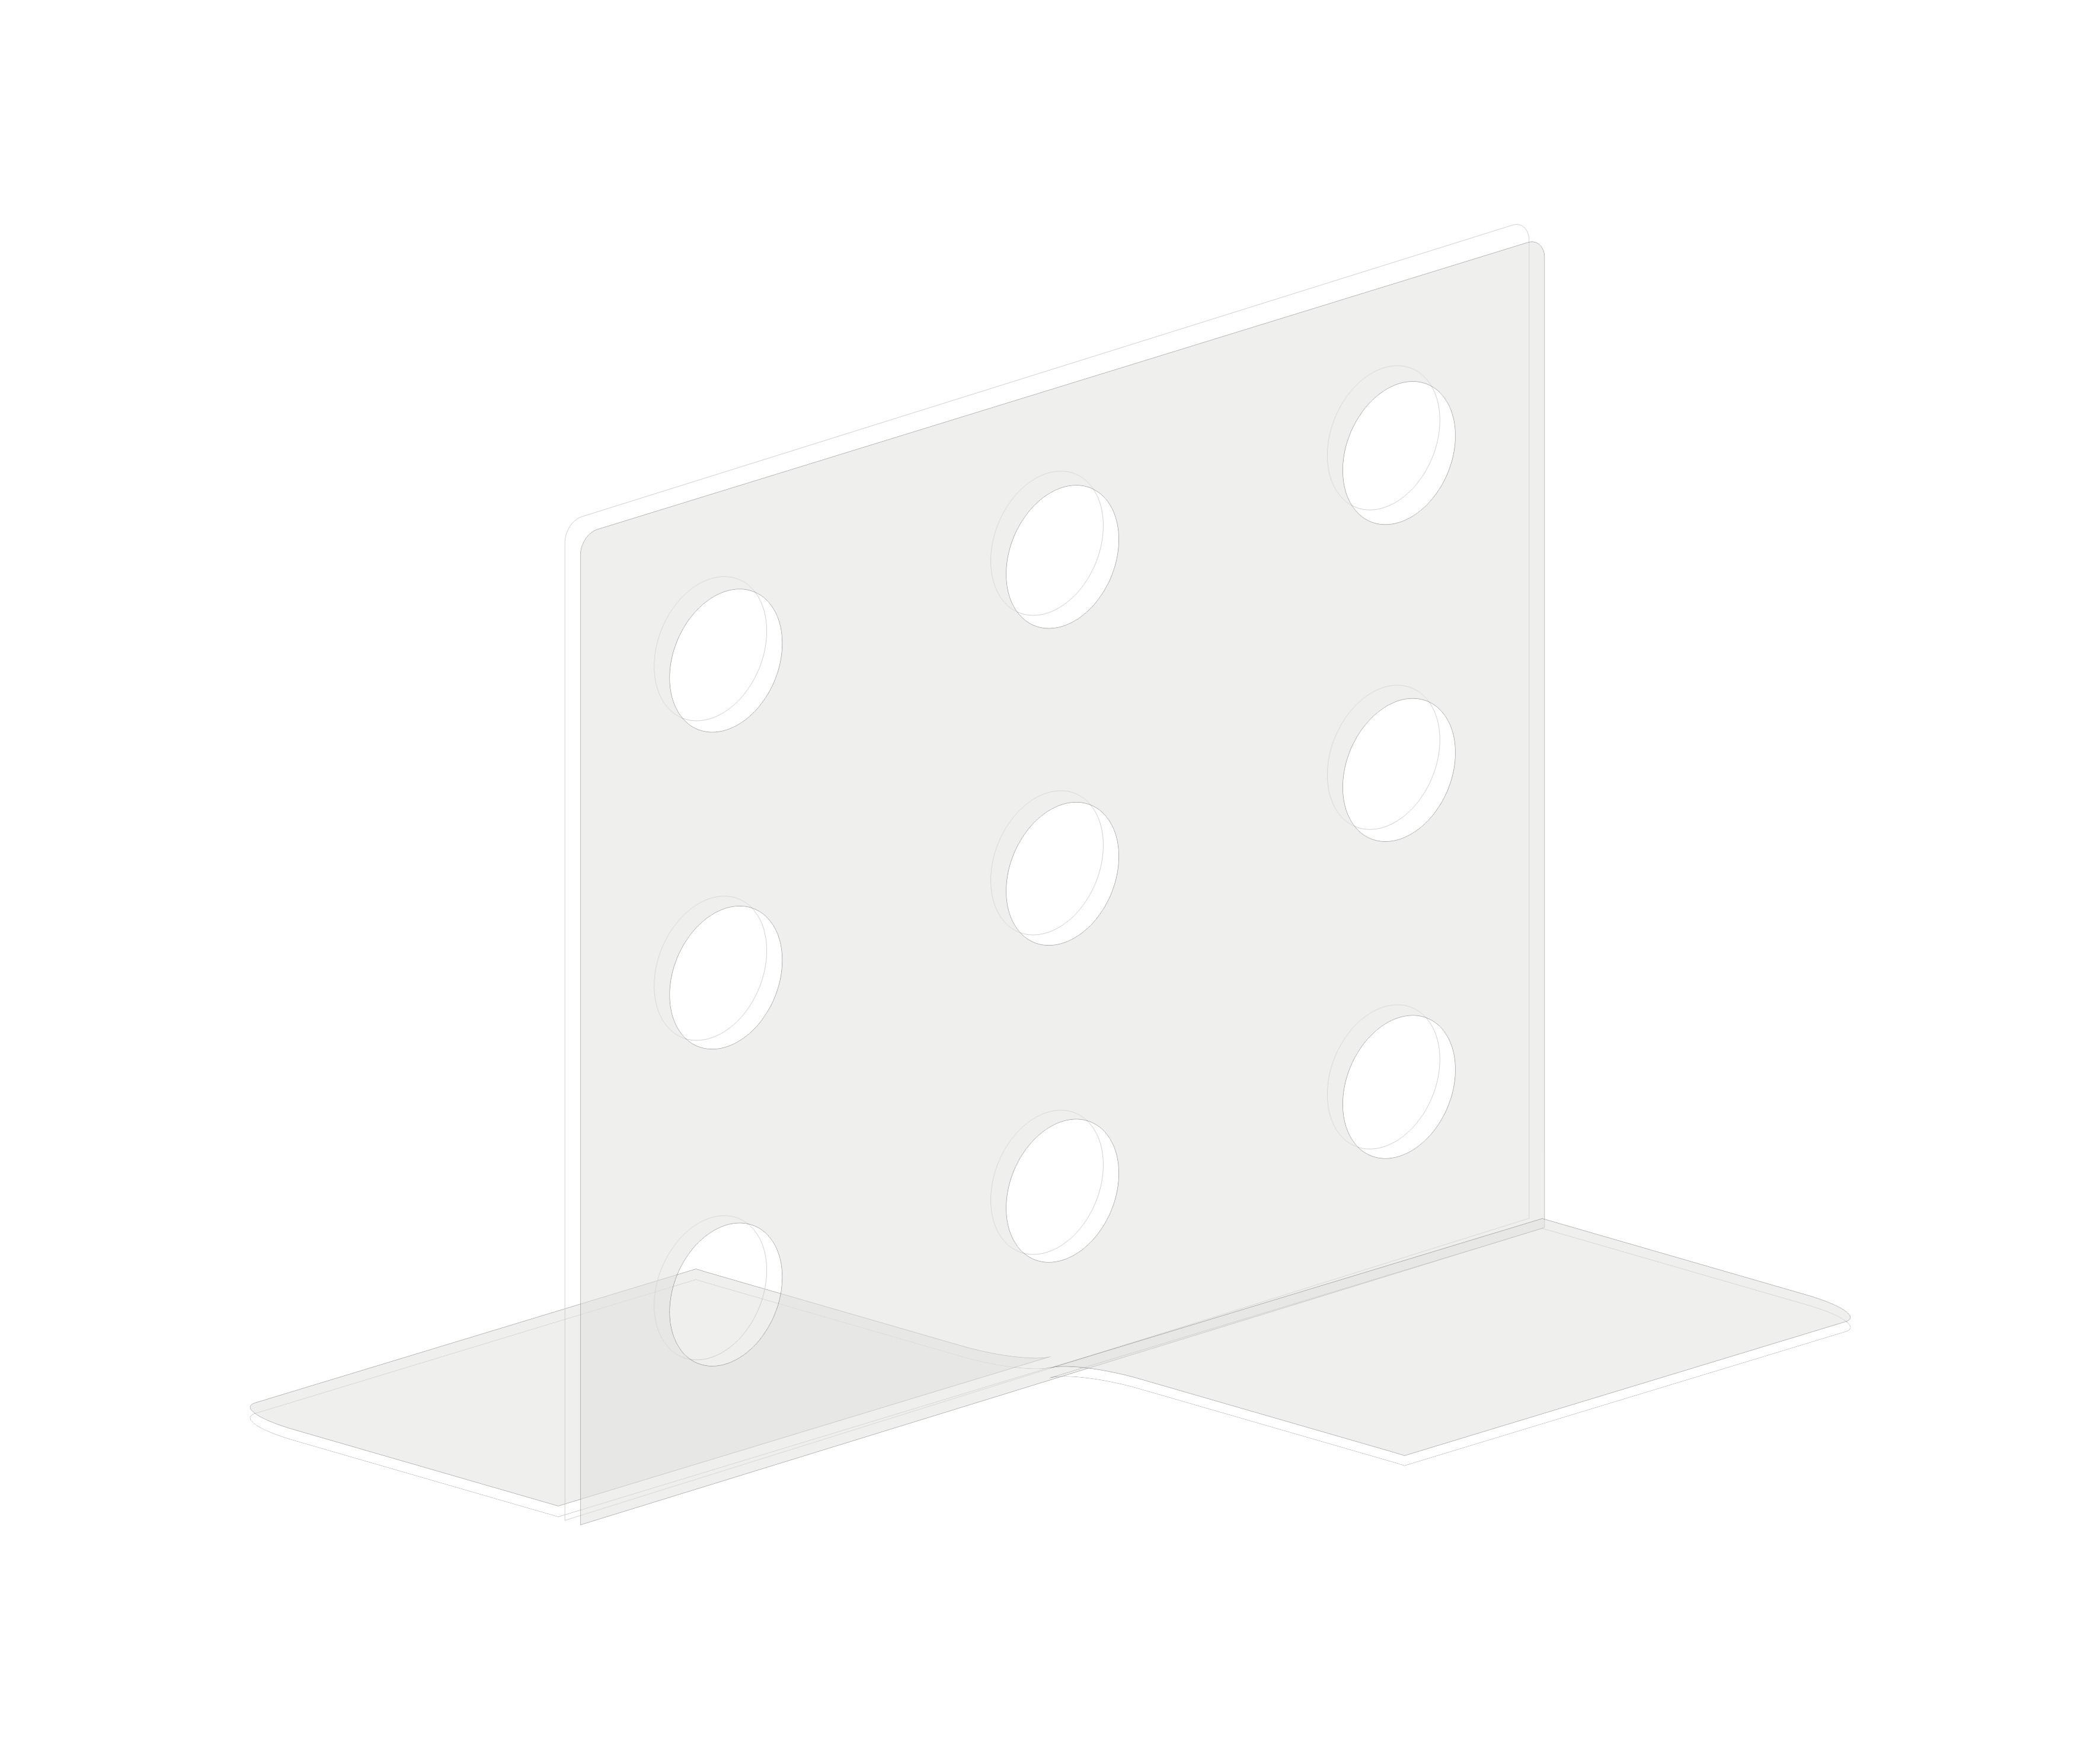 Divisori In Plexiglass Per Esterni divisore in plexiglass per banco surgelati - plexy design